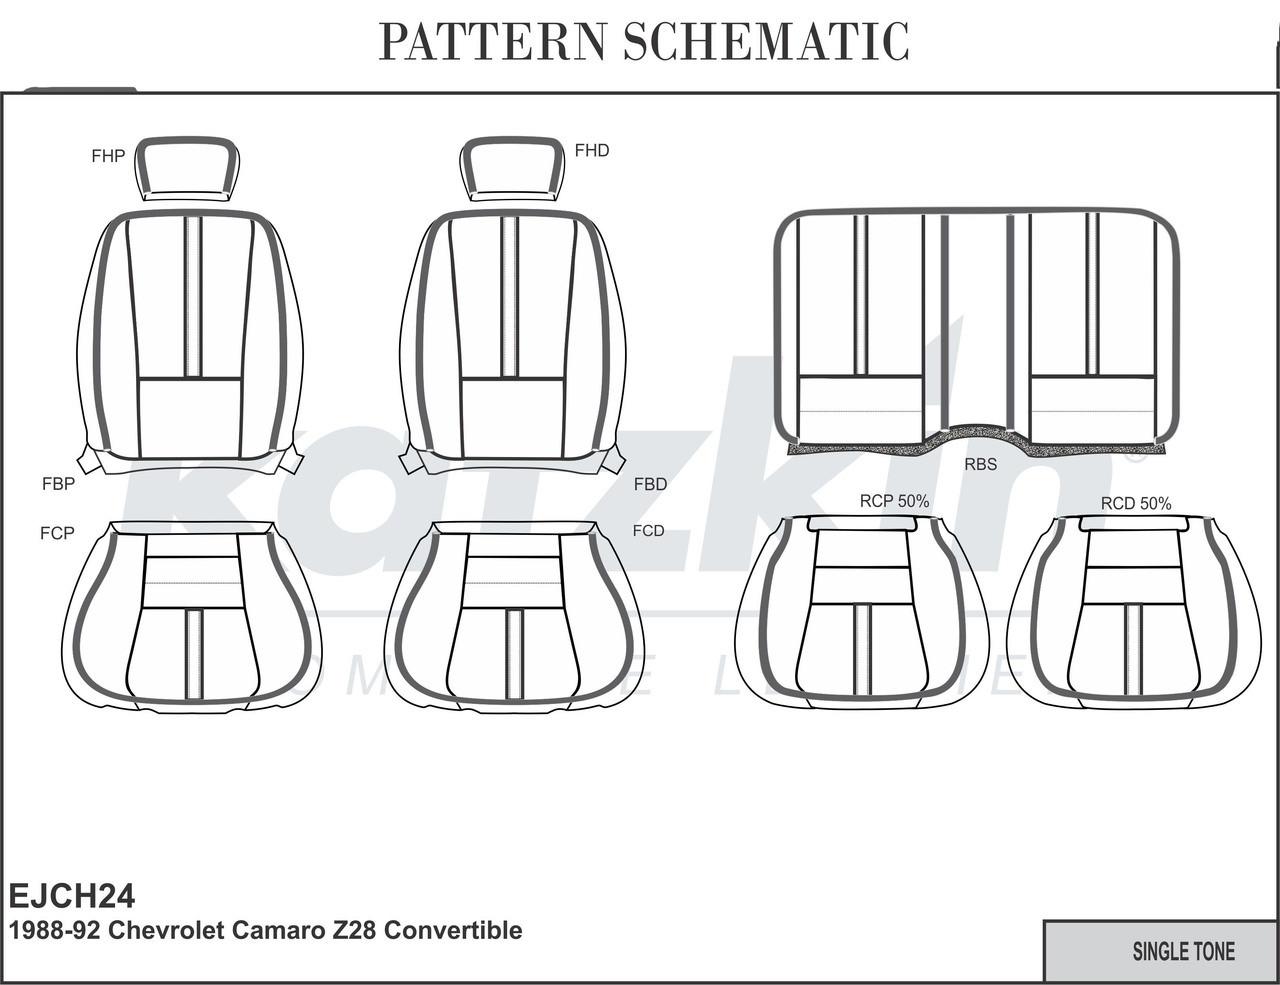 88-92 Camaro IROC Z28 RS Seat Upholstery Kit Katzkin Leather, Style on